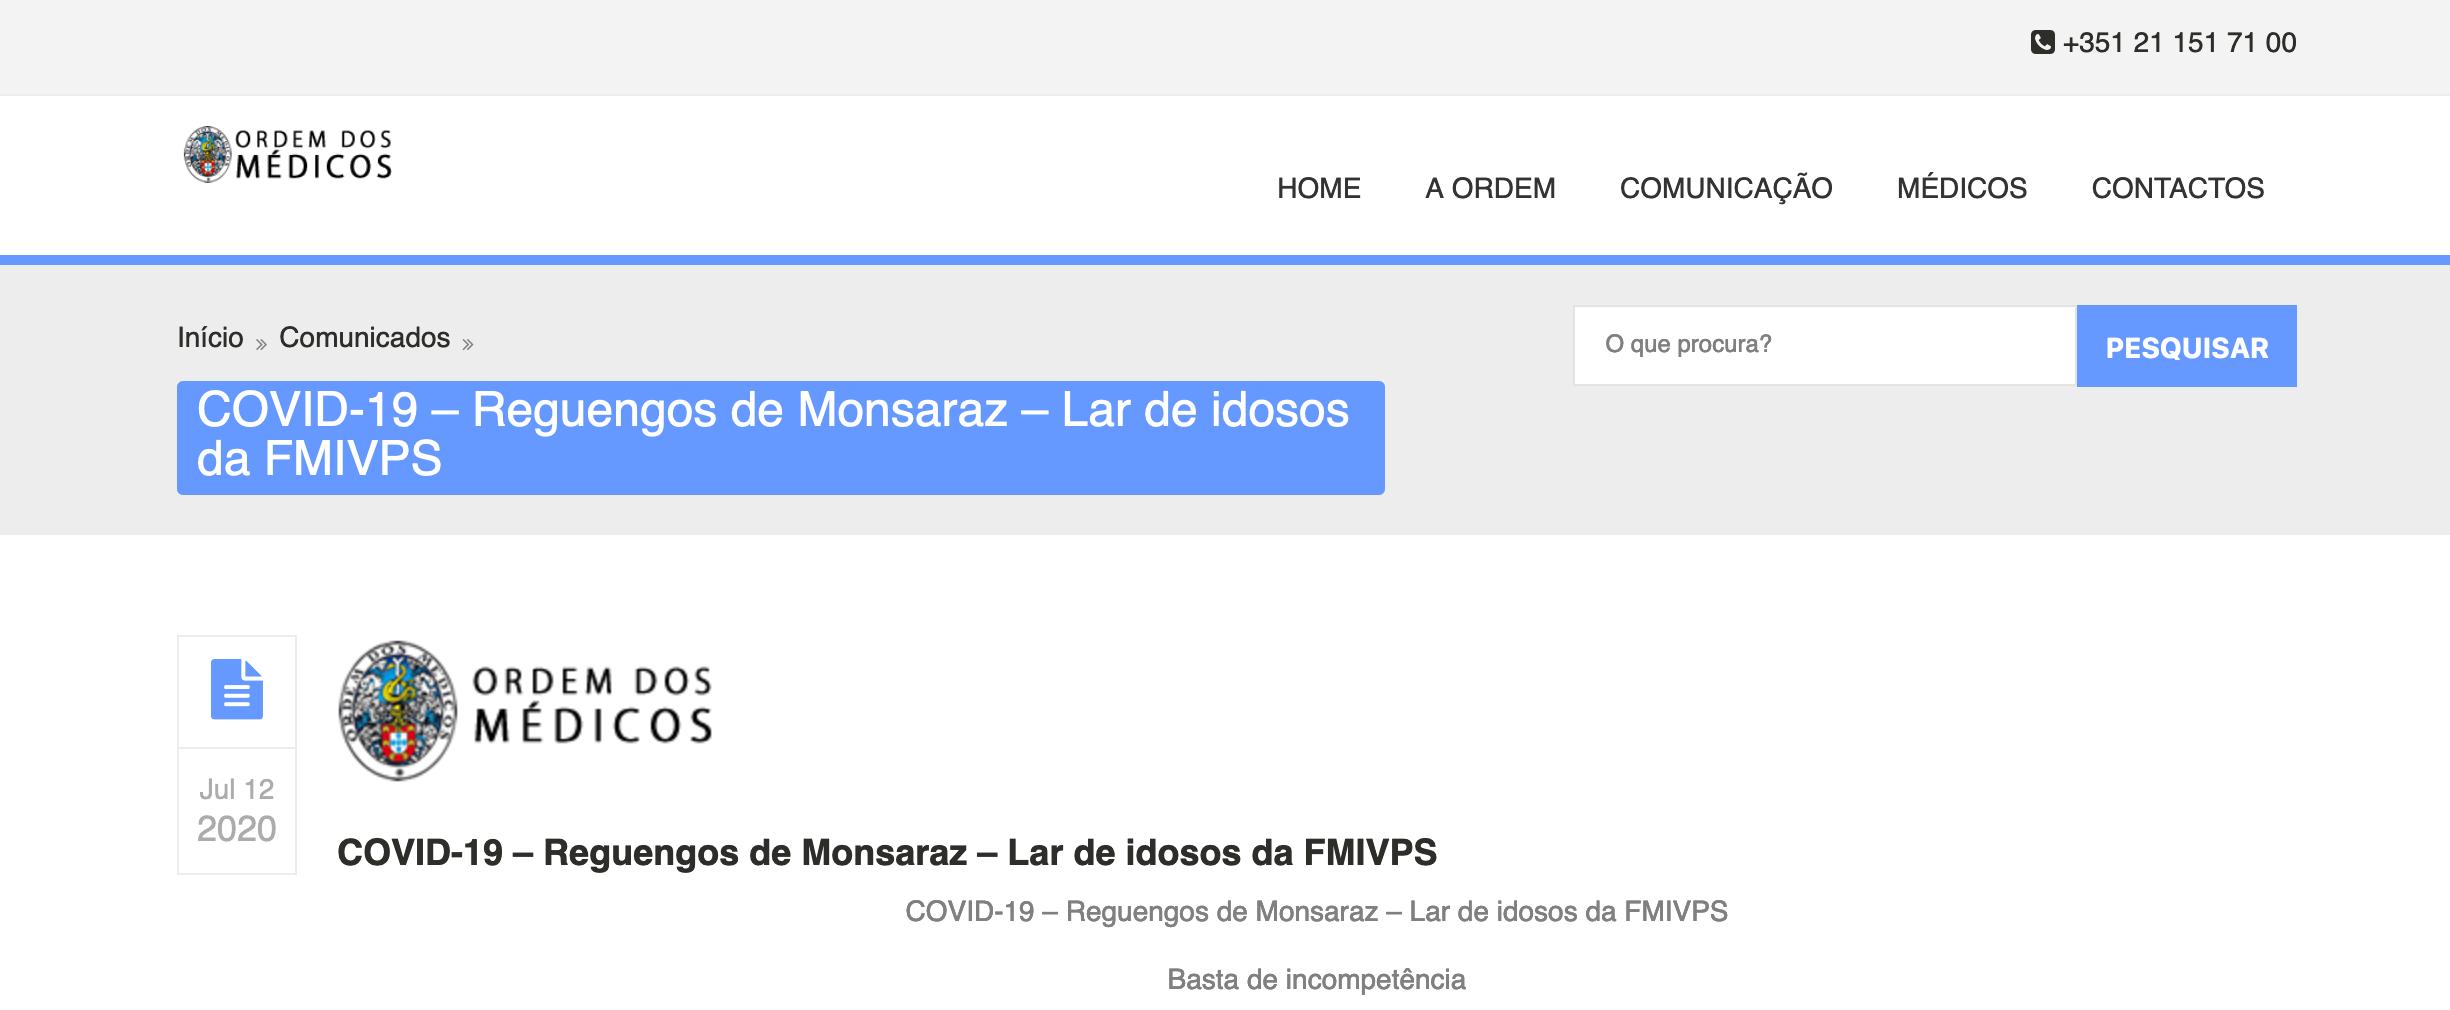 COVID-19 – Reguengos de Monsaraz – Lar de idosos da FMIVPS